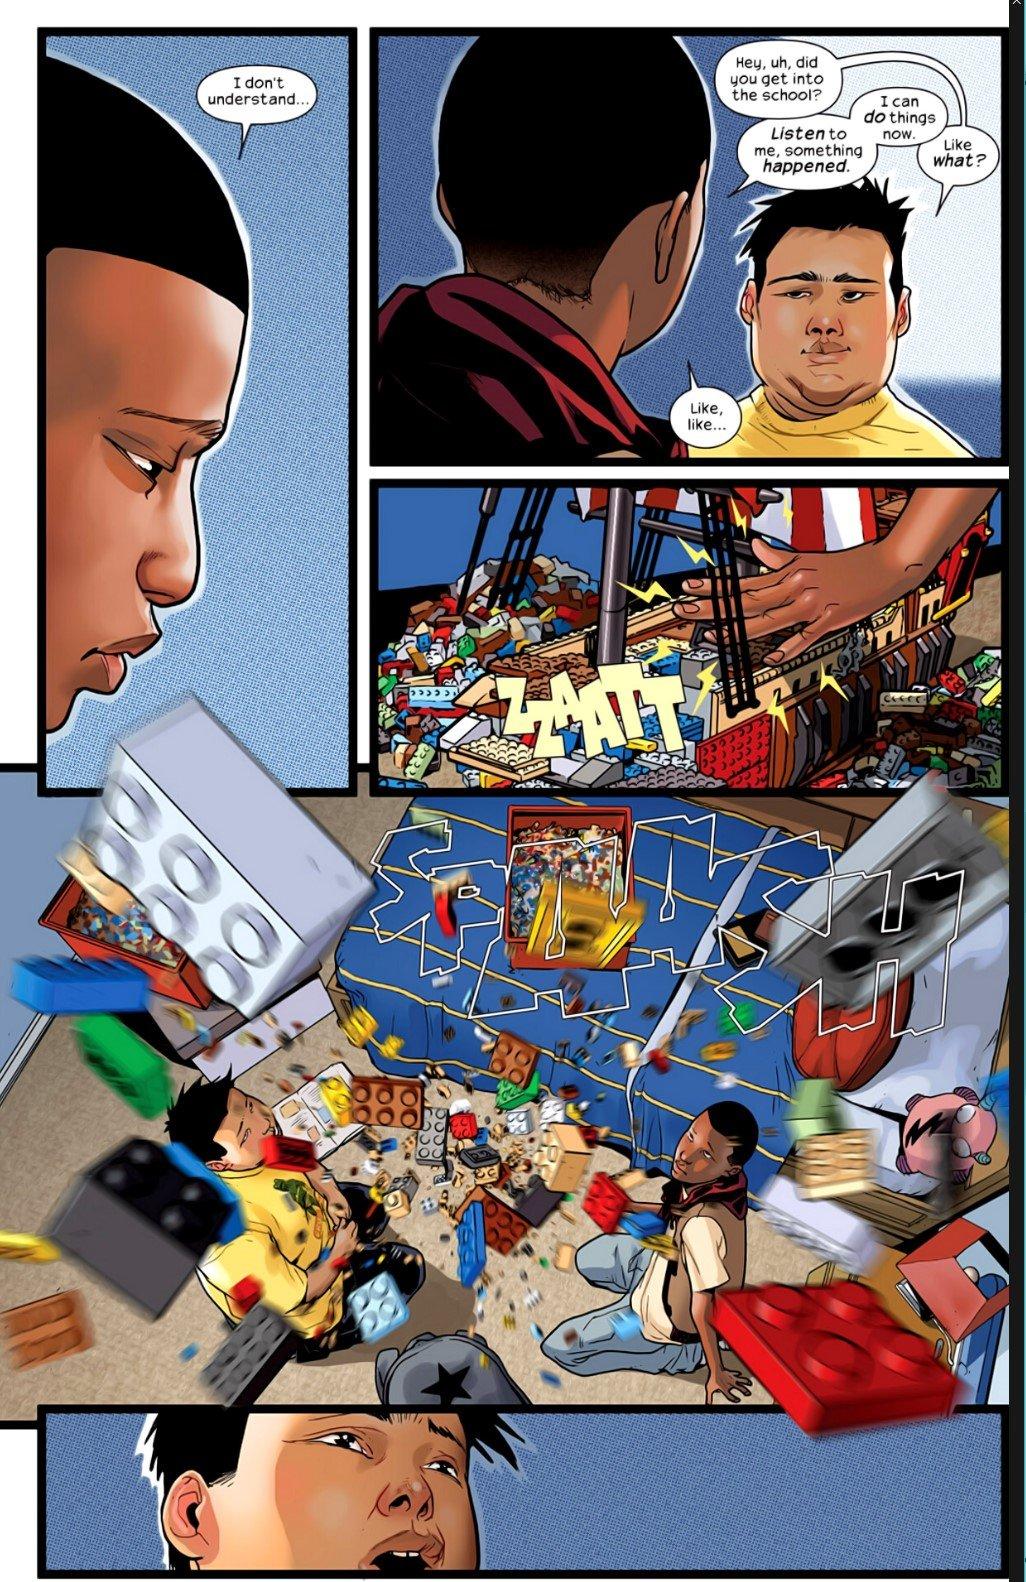 Разбираемтрейлеры «Человек-Паук: Возвращение домой» - Изображение 11